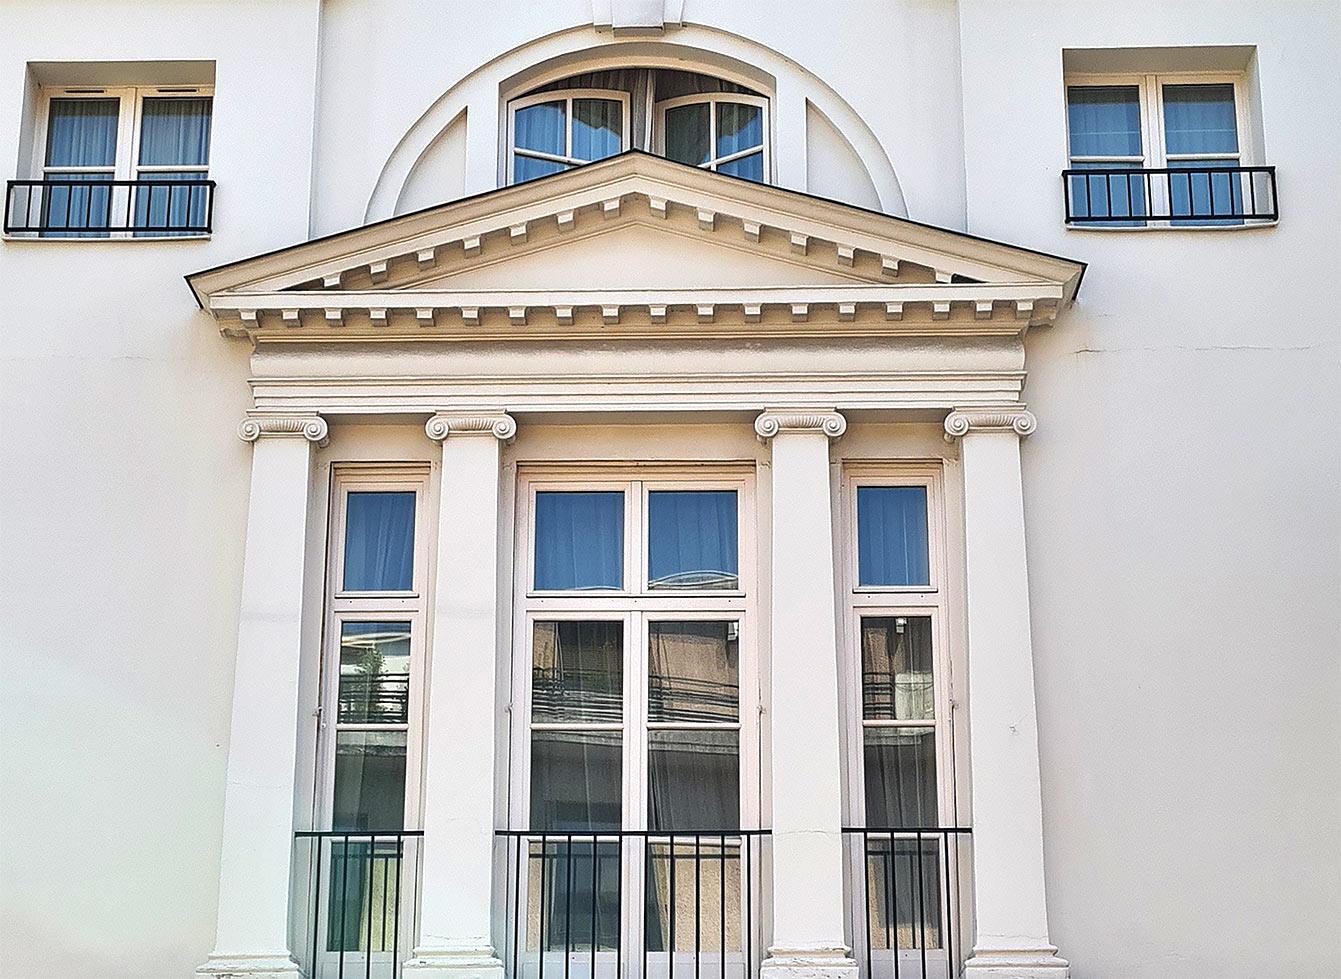 Hôtel particulier Gilbert des Crances, rue Gambetta Boulogne-Billancourt